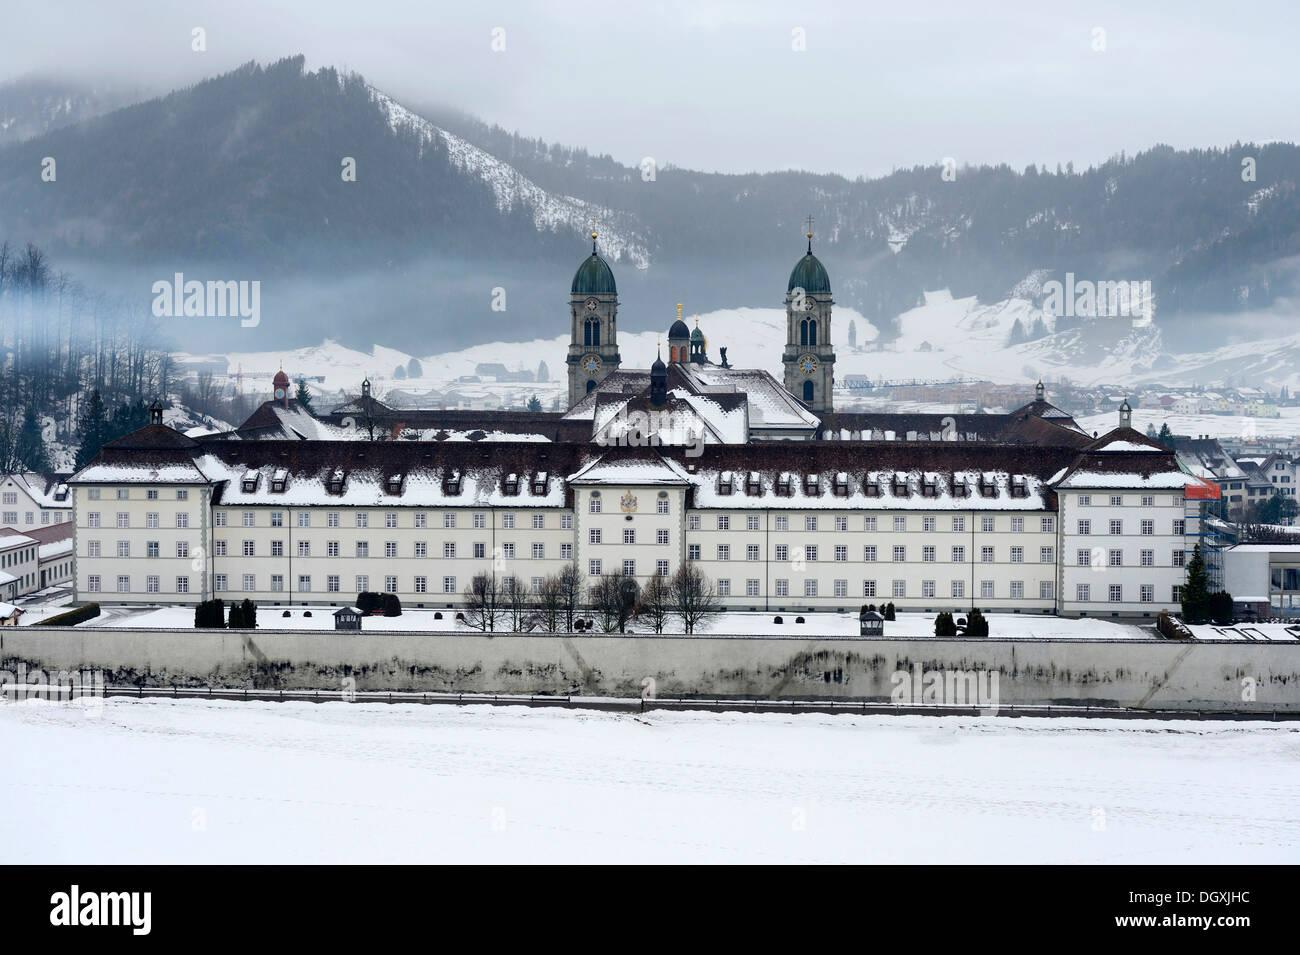 Abbaye bénédictine, lieu de pèlerinage, Einsiedeln, dans le canton de Schwyz, Suisse Banque D'Images